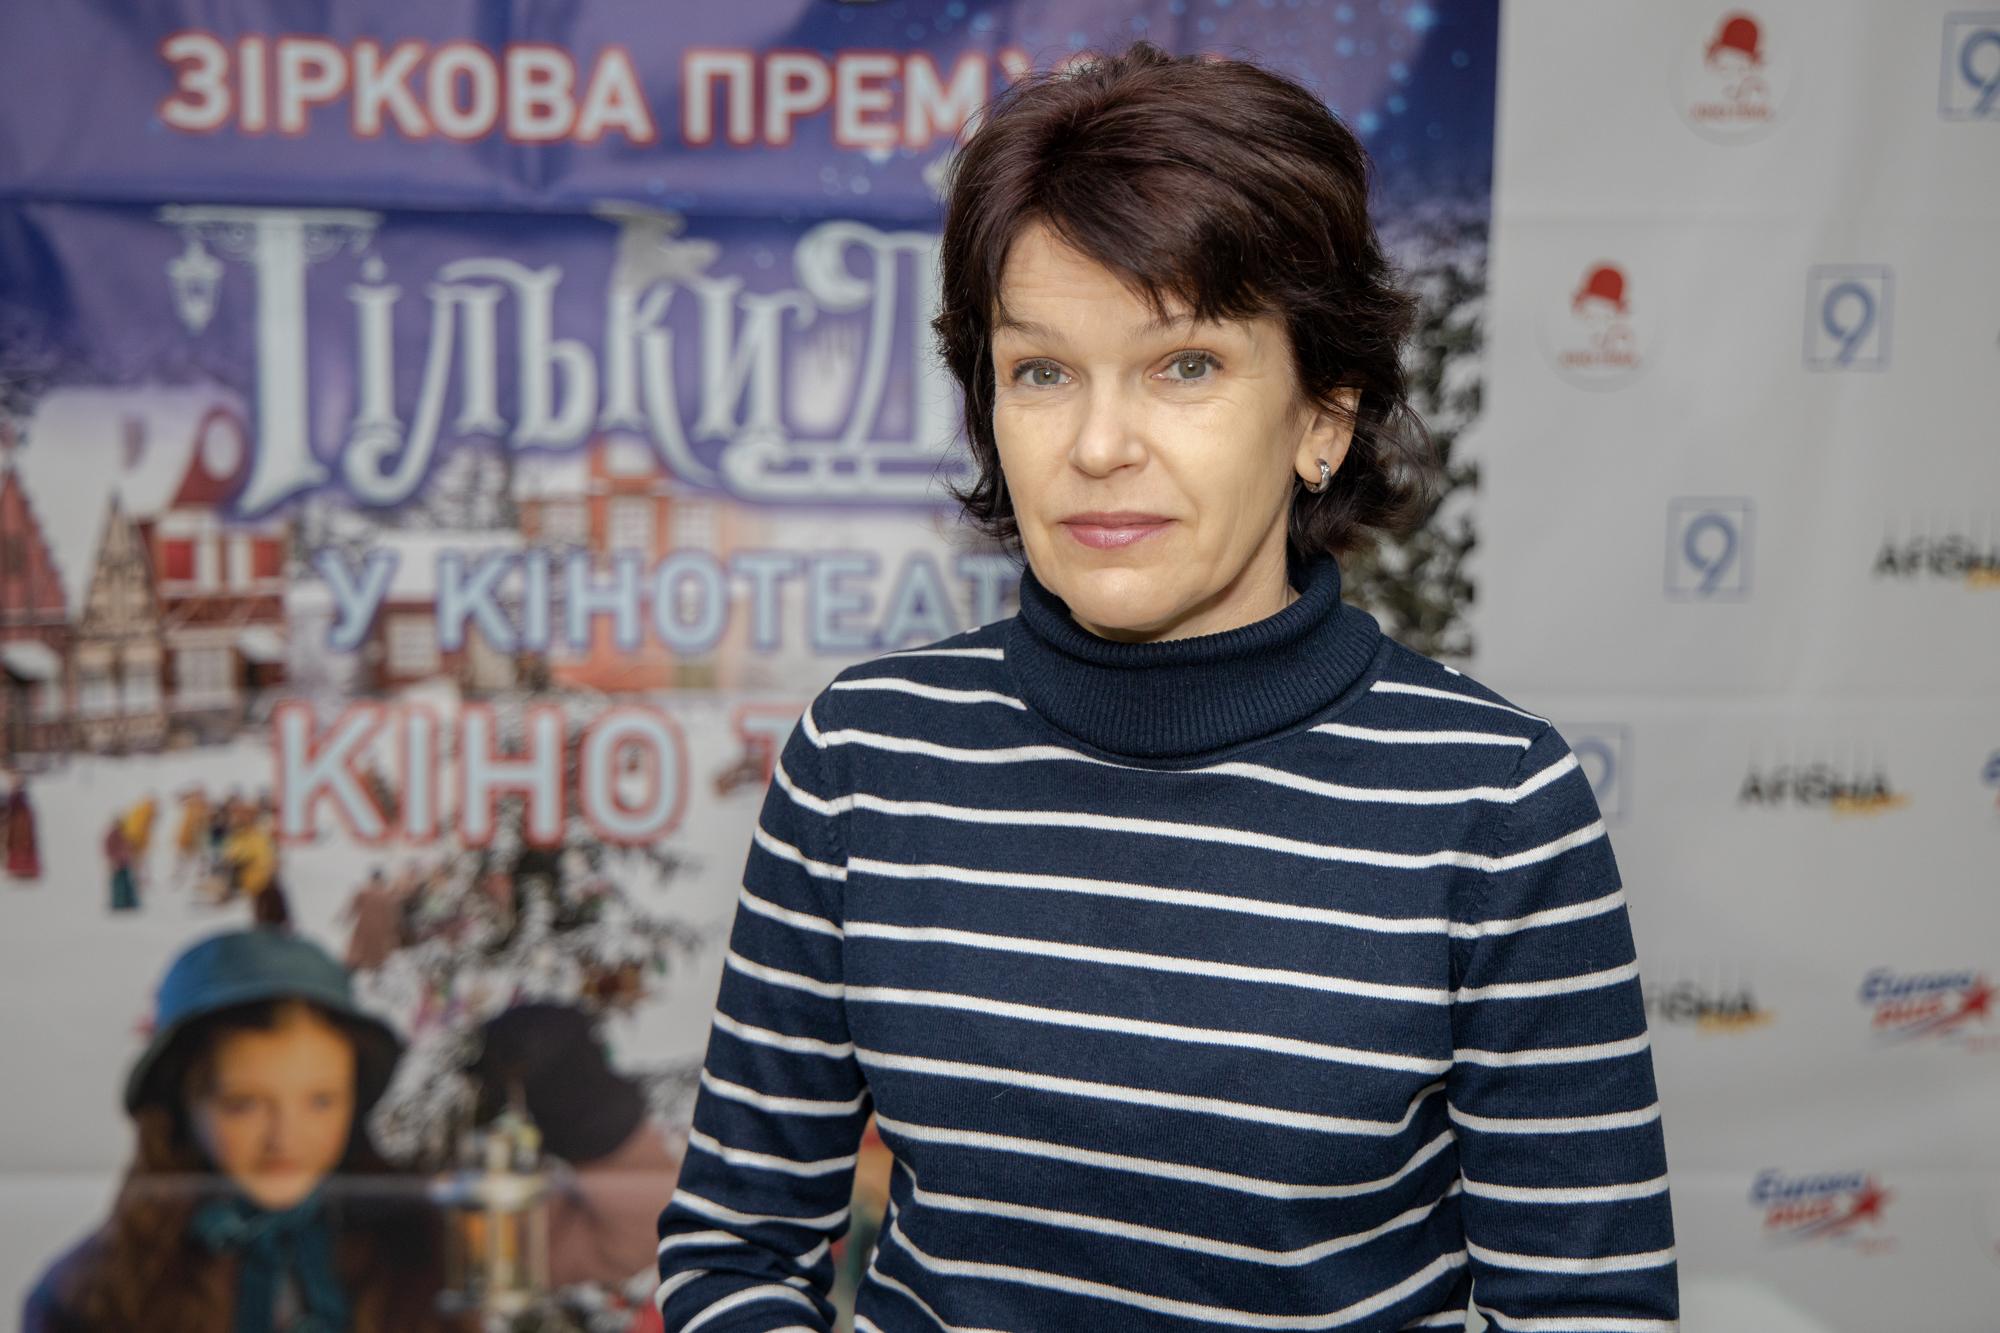 «Сподіваємось, що цей фільм стане першим у низці безкоштовних кіносеансів, які ми плануємо провести у 2020-му в ОДА. Хочемо продовжувати таку традицію та показувати саме українські стрічки», – Наталія Шуліка